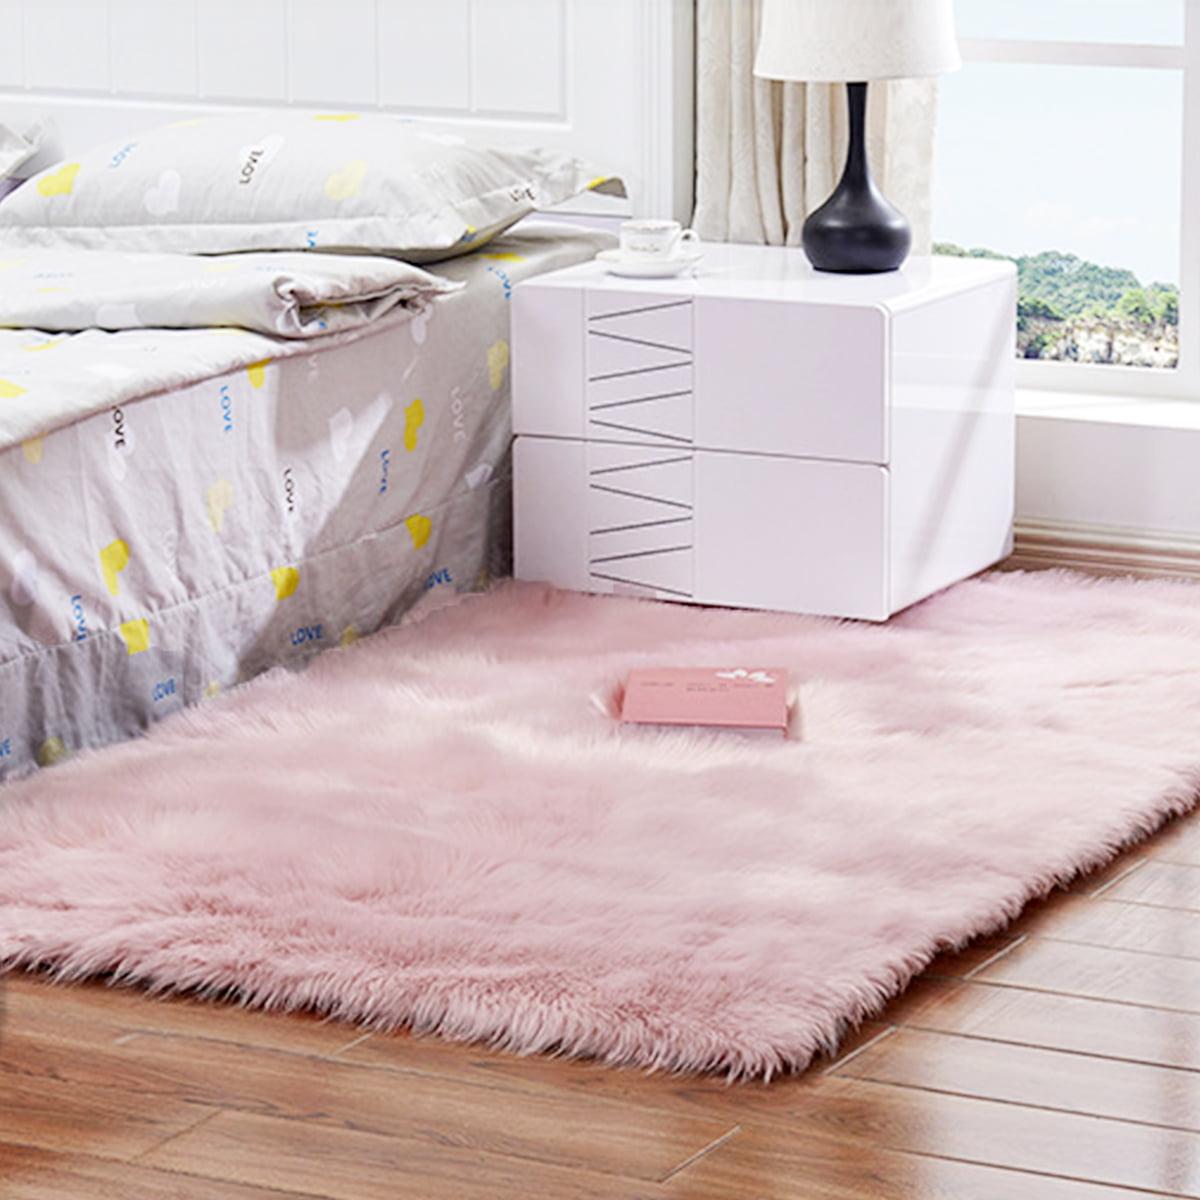 Long Plush Ultra Soft Fluffy Rugs Anti-Skid Shaggy Fluffy